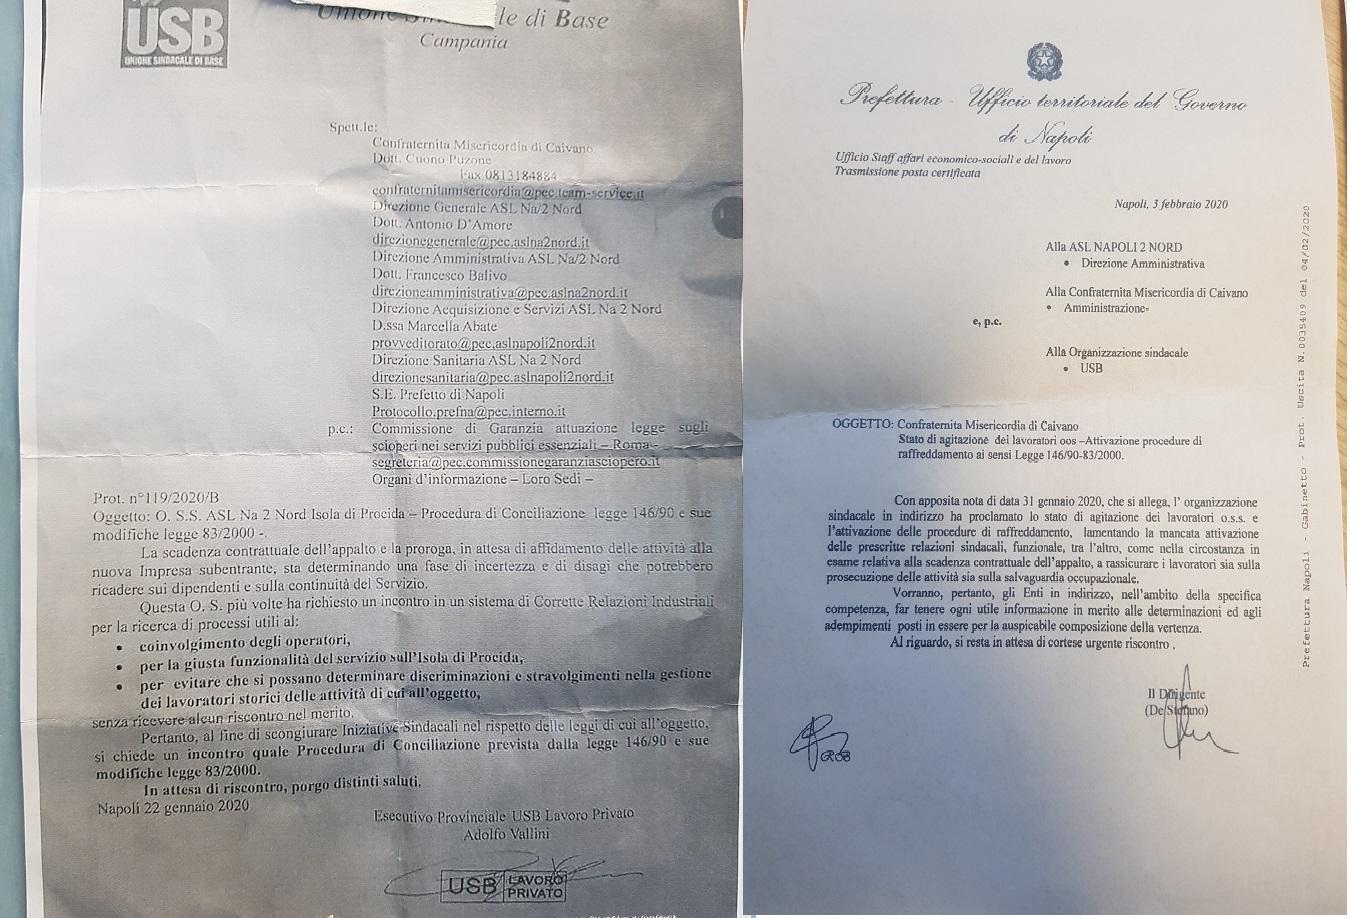 O.S.S. DELL'OSPEDALE  IN STATO DI AGITAZIONE